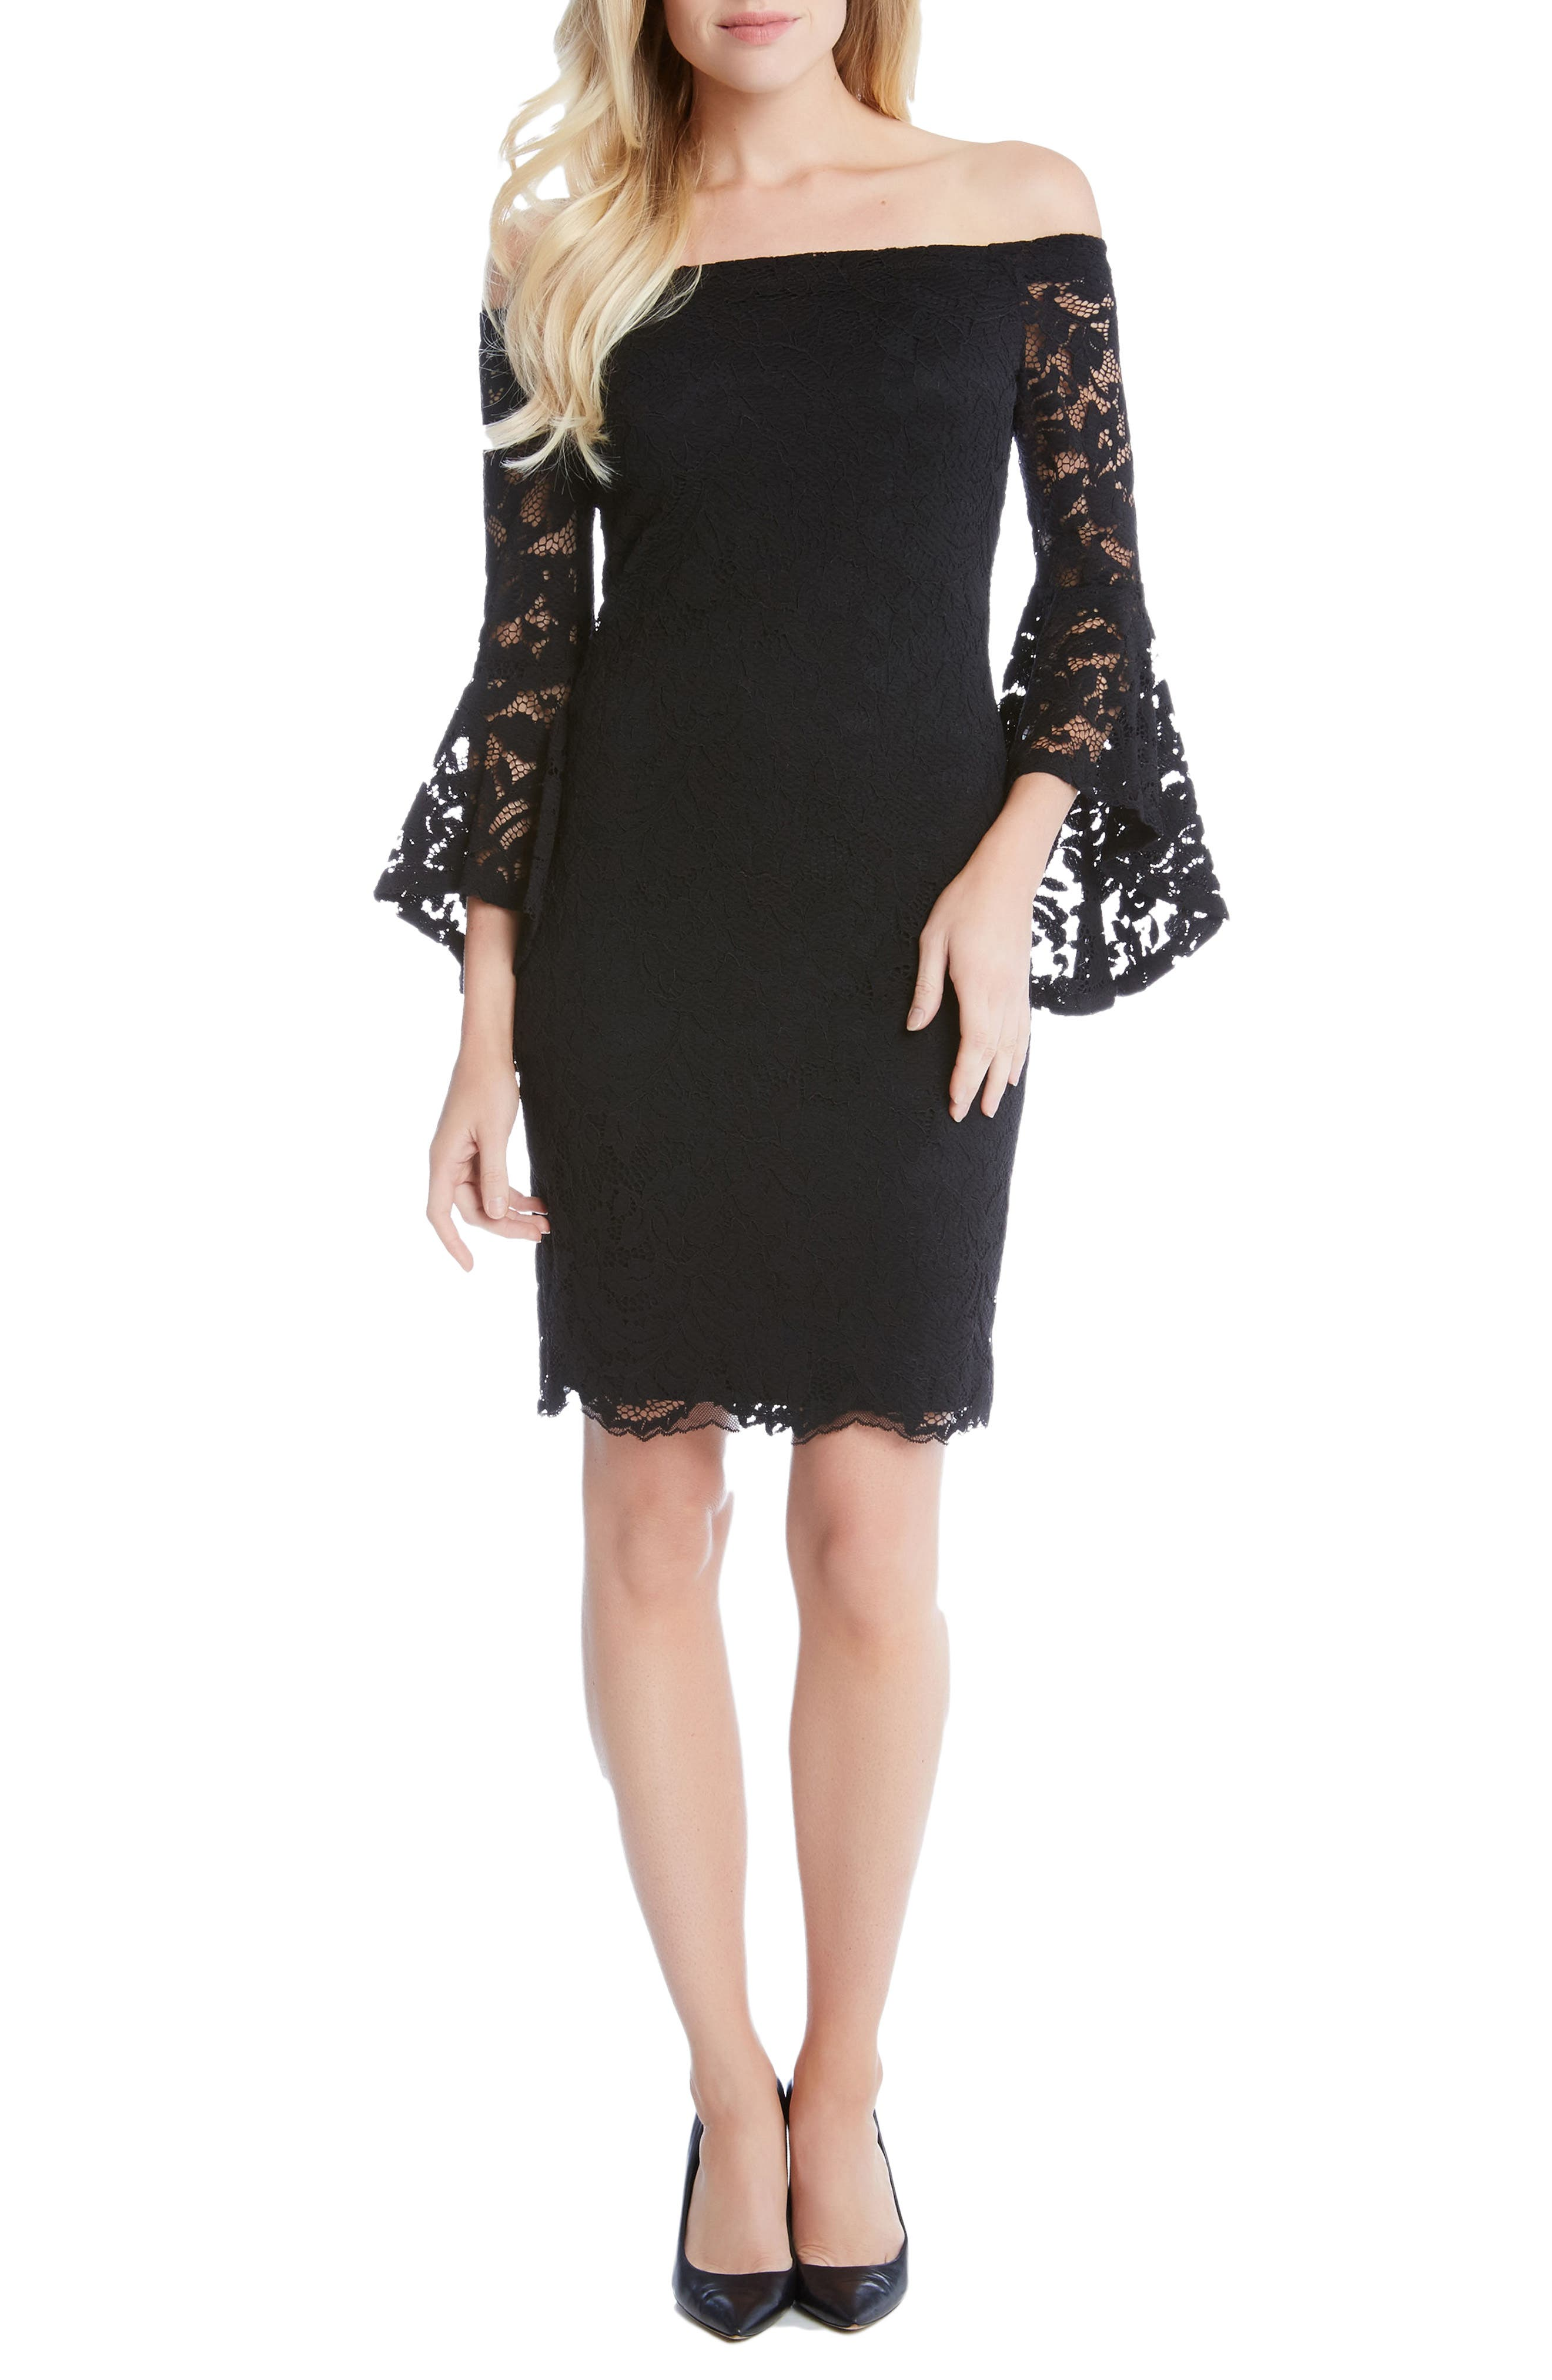 Alternate Image 1 Selected - Karen Kane Samantha Lace Off the Shoulder Sheath Dress